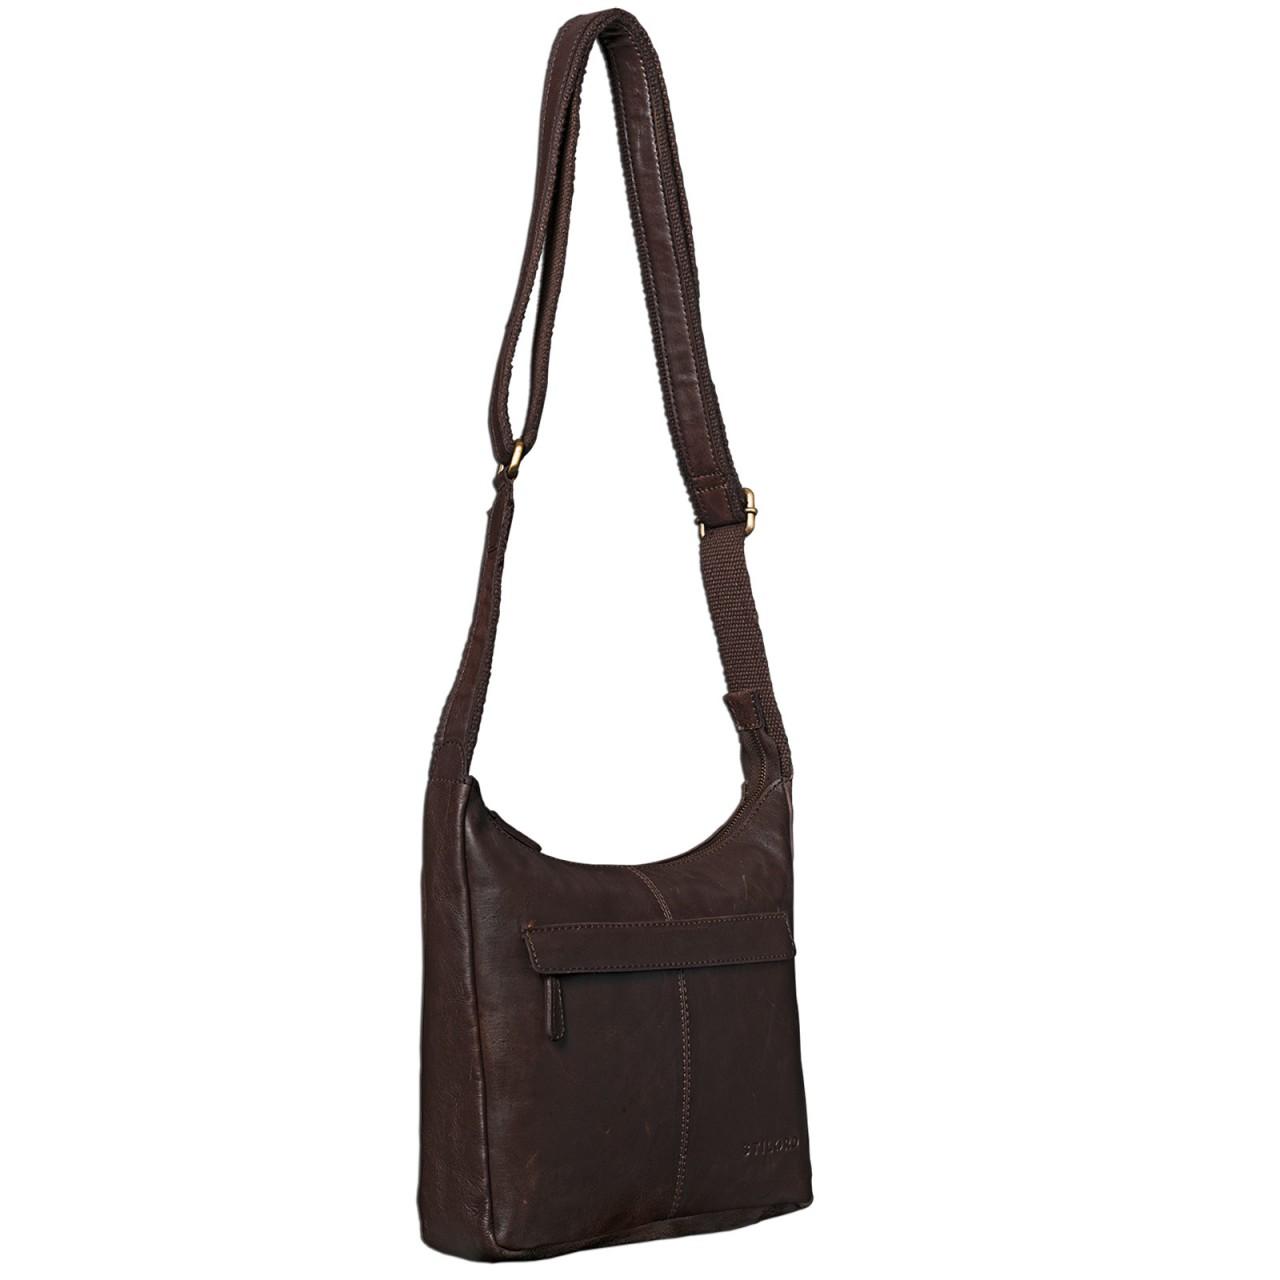 STILORD kleine Lederhandtasche Umhängetasche Vintage Handtasche mit verstellbarem Schulterriemen aus weichem Antik Leder Damen - Bild 17